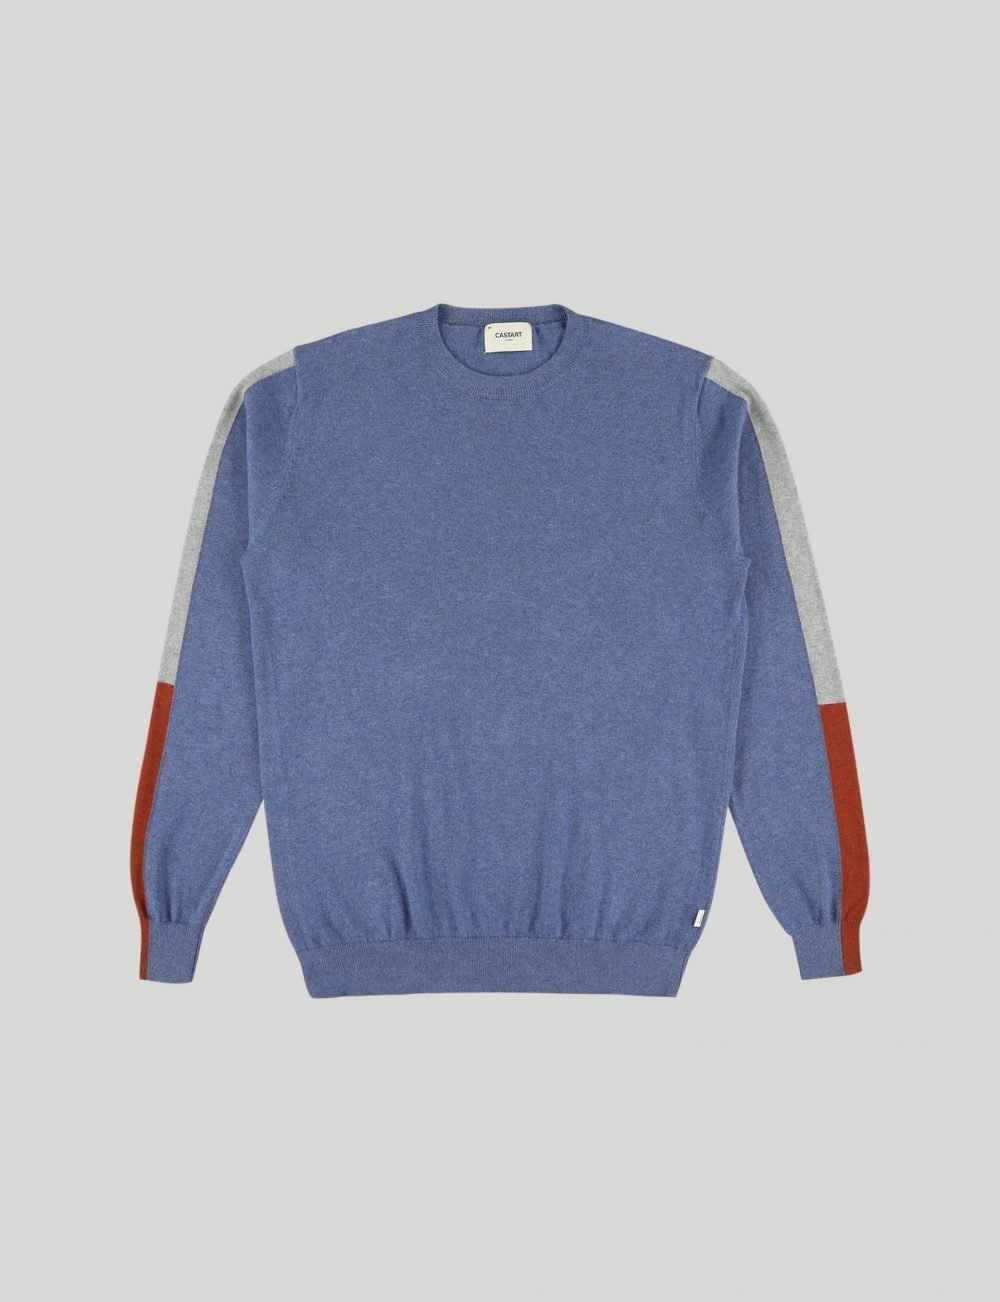 Castart - Kubin Knitwear - Light Blue